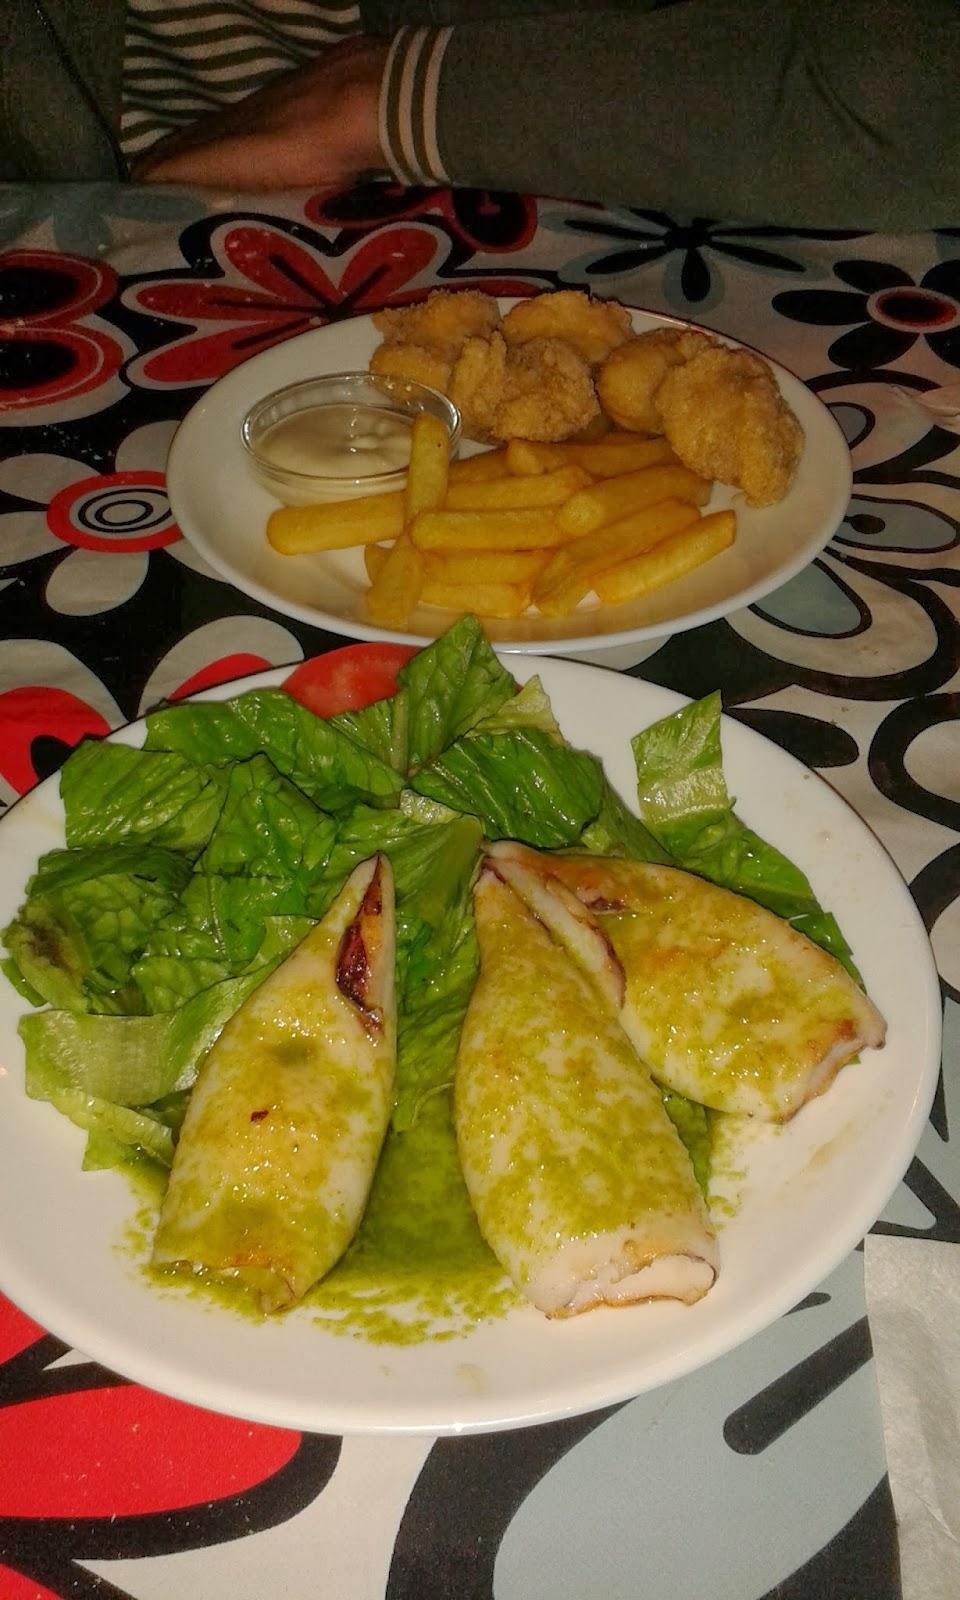 Huevas fritas y chipirones a la plancha. Restaurante Los Alcores.